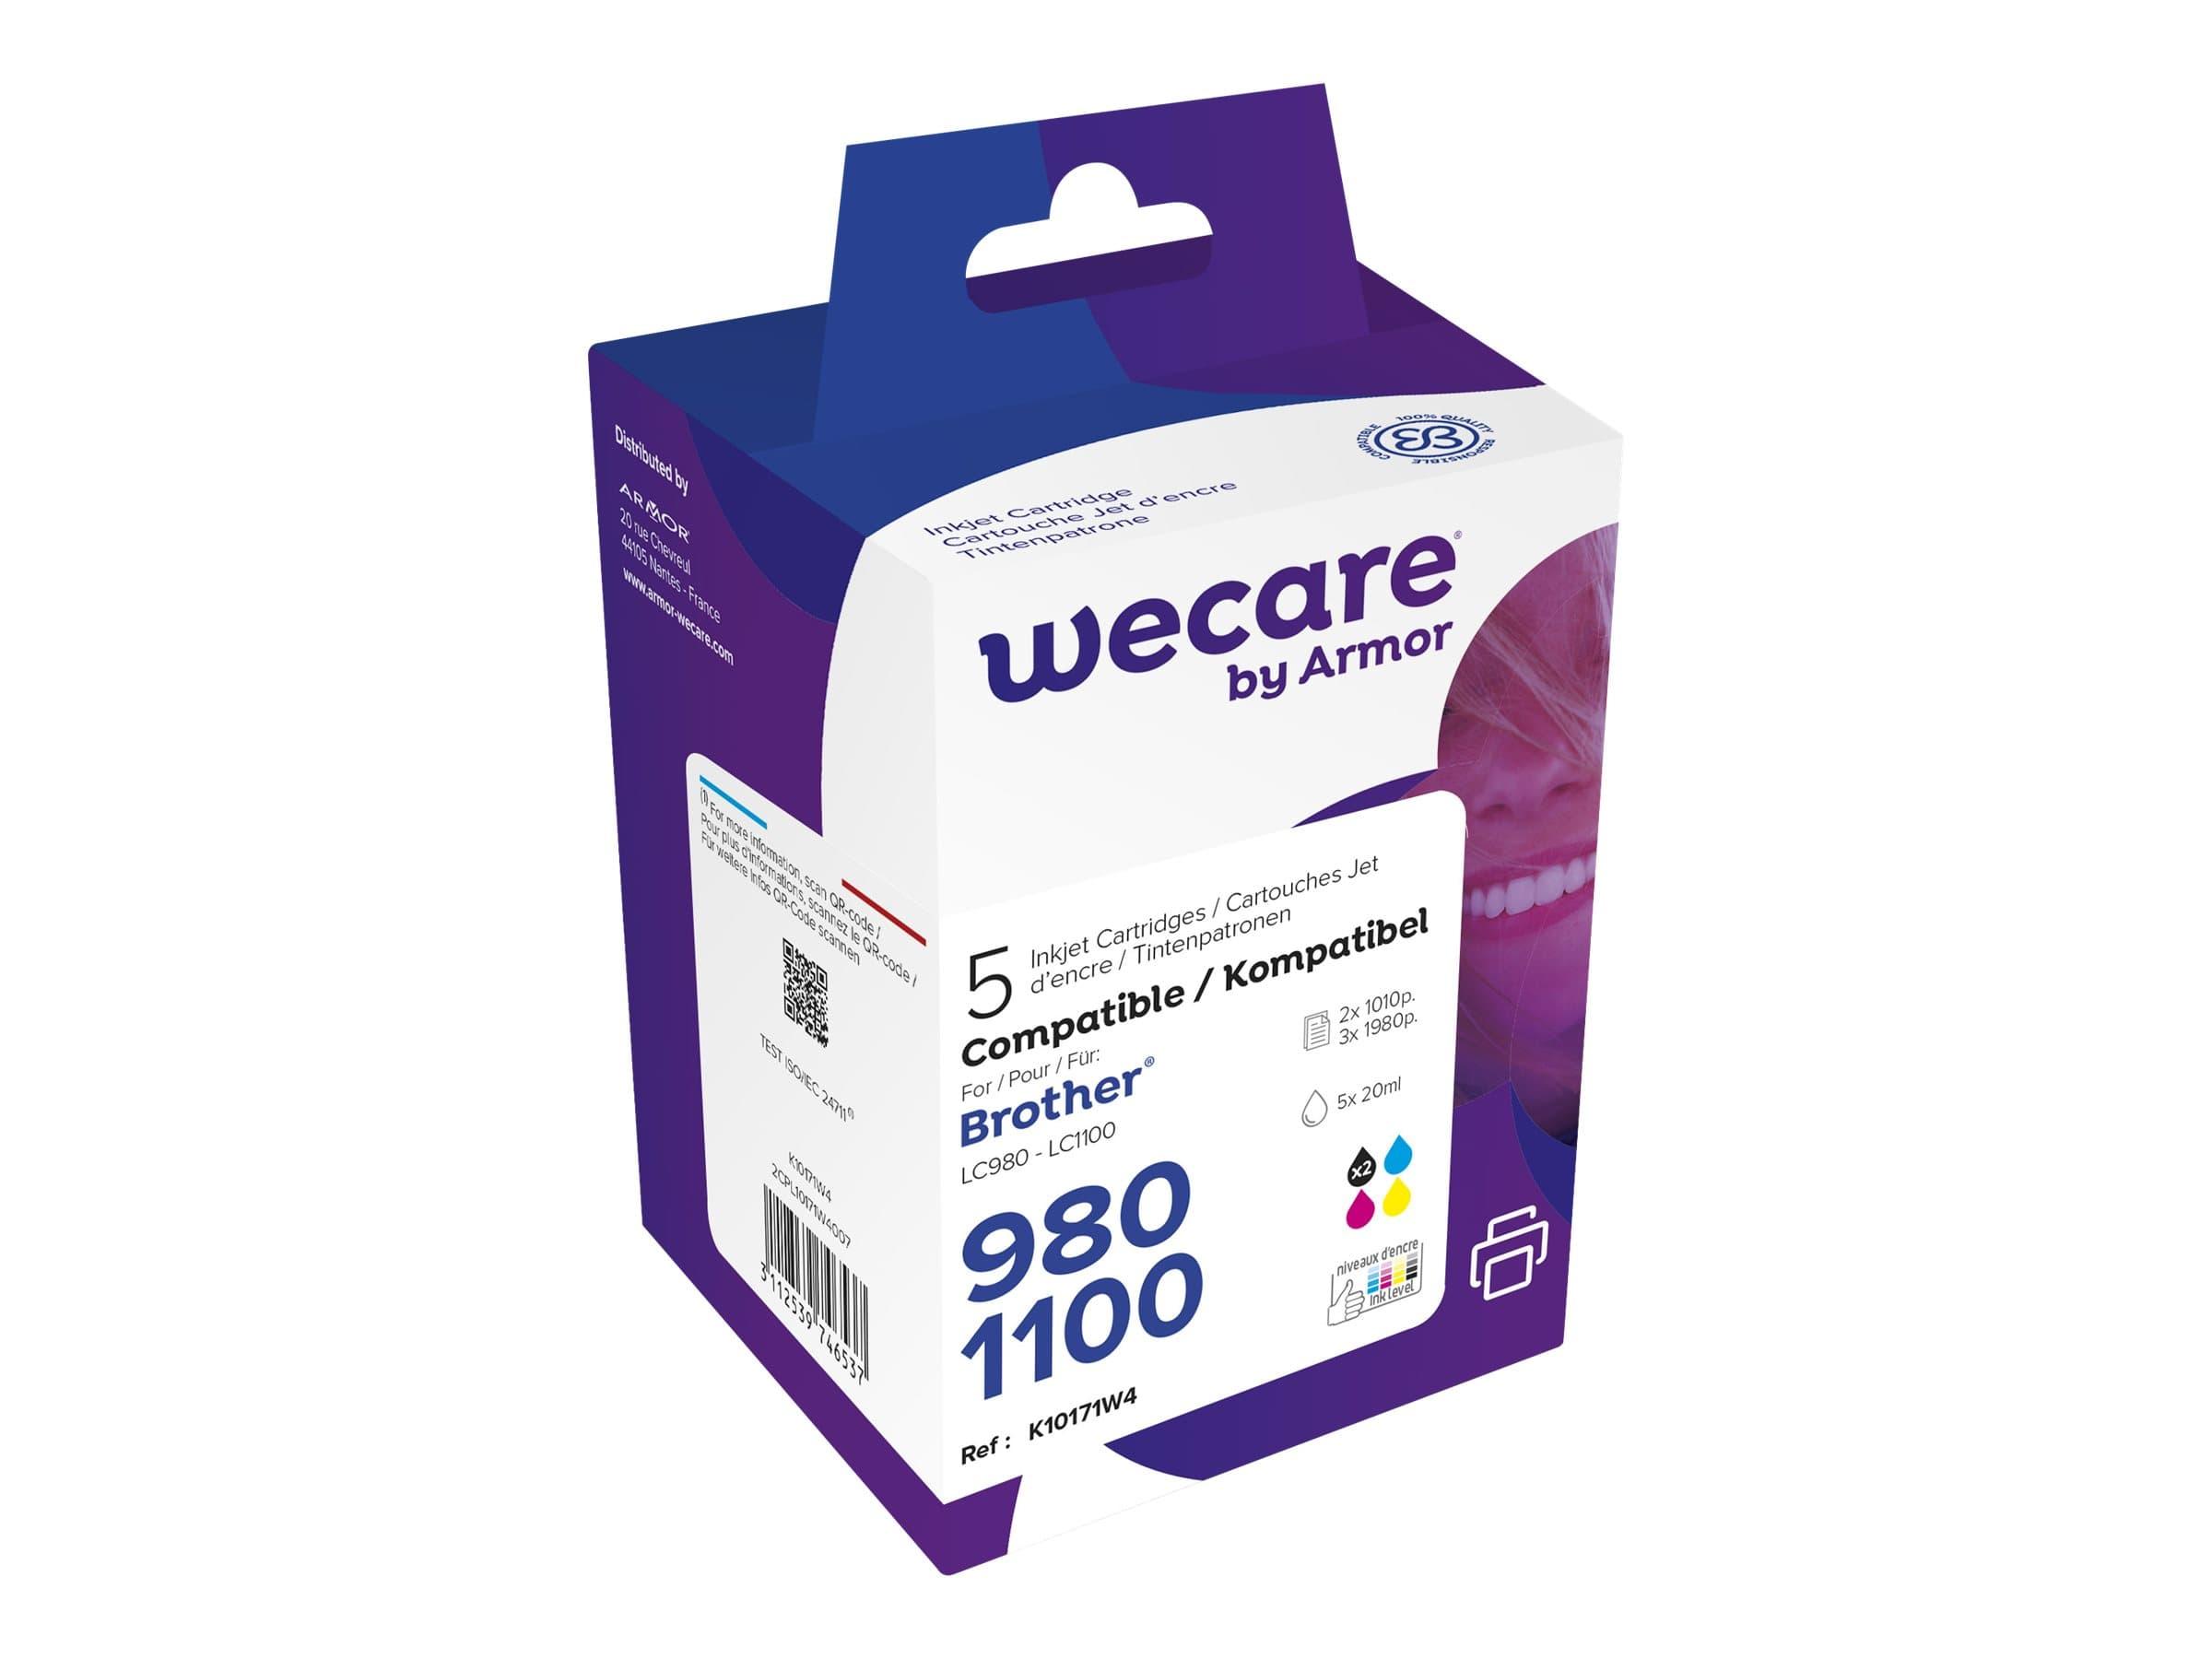 Brother LC1100/LC980 - compatible Wecare K10171W4 - pack de 5 - noir x2, cyan, magenta, jaune - cartouche d'encre